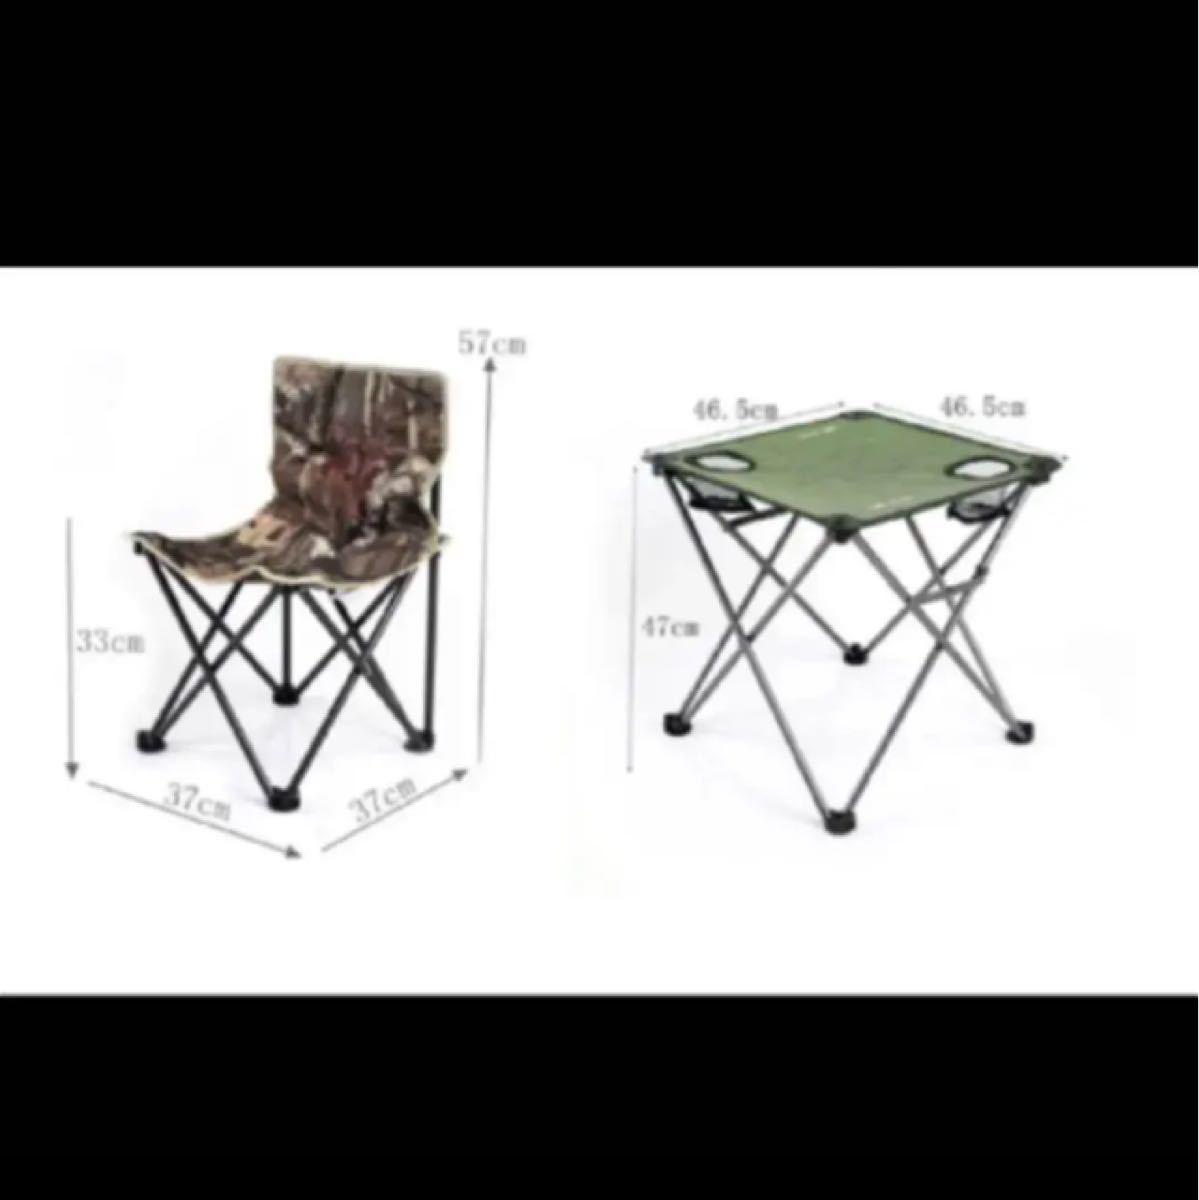 アウトドア テーブル イス 3点セット 折りたたみ キャンプ 耐荷重約100k